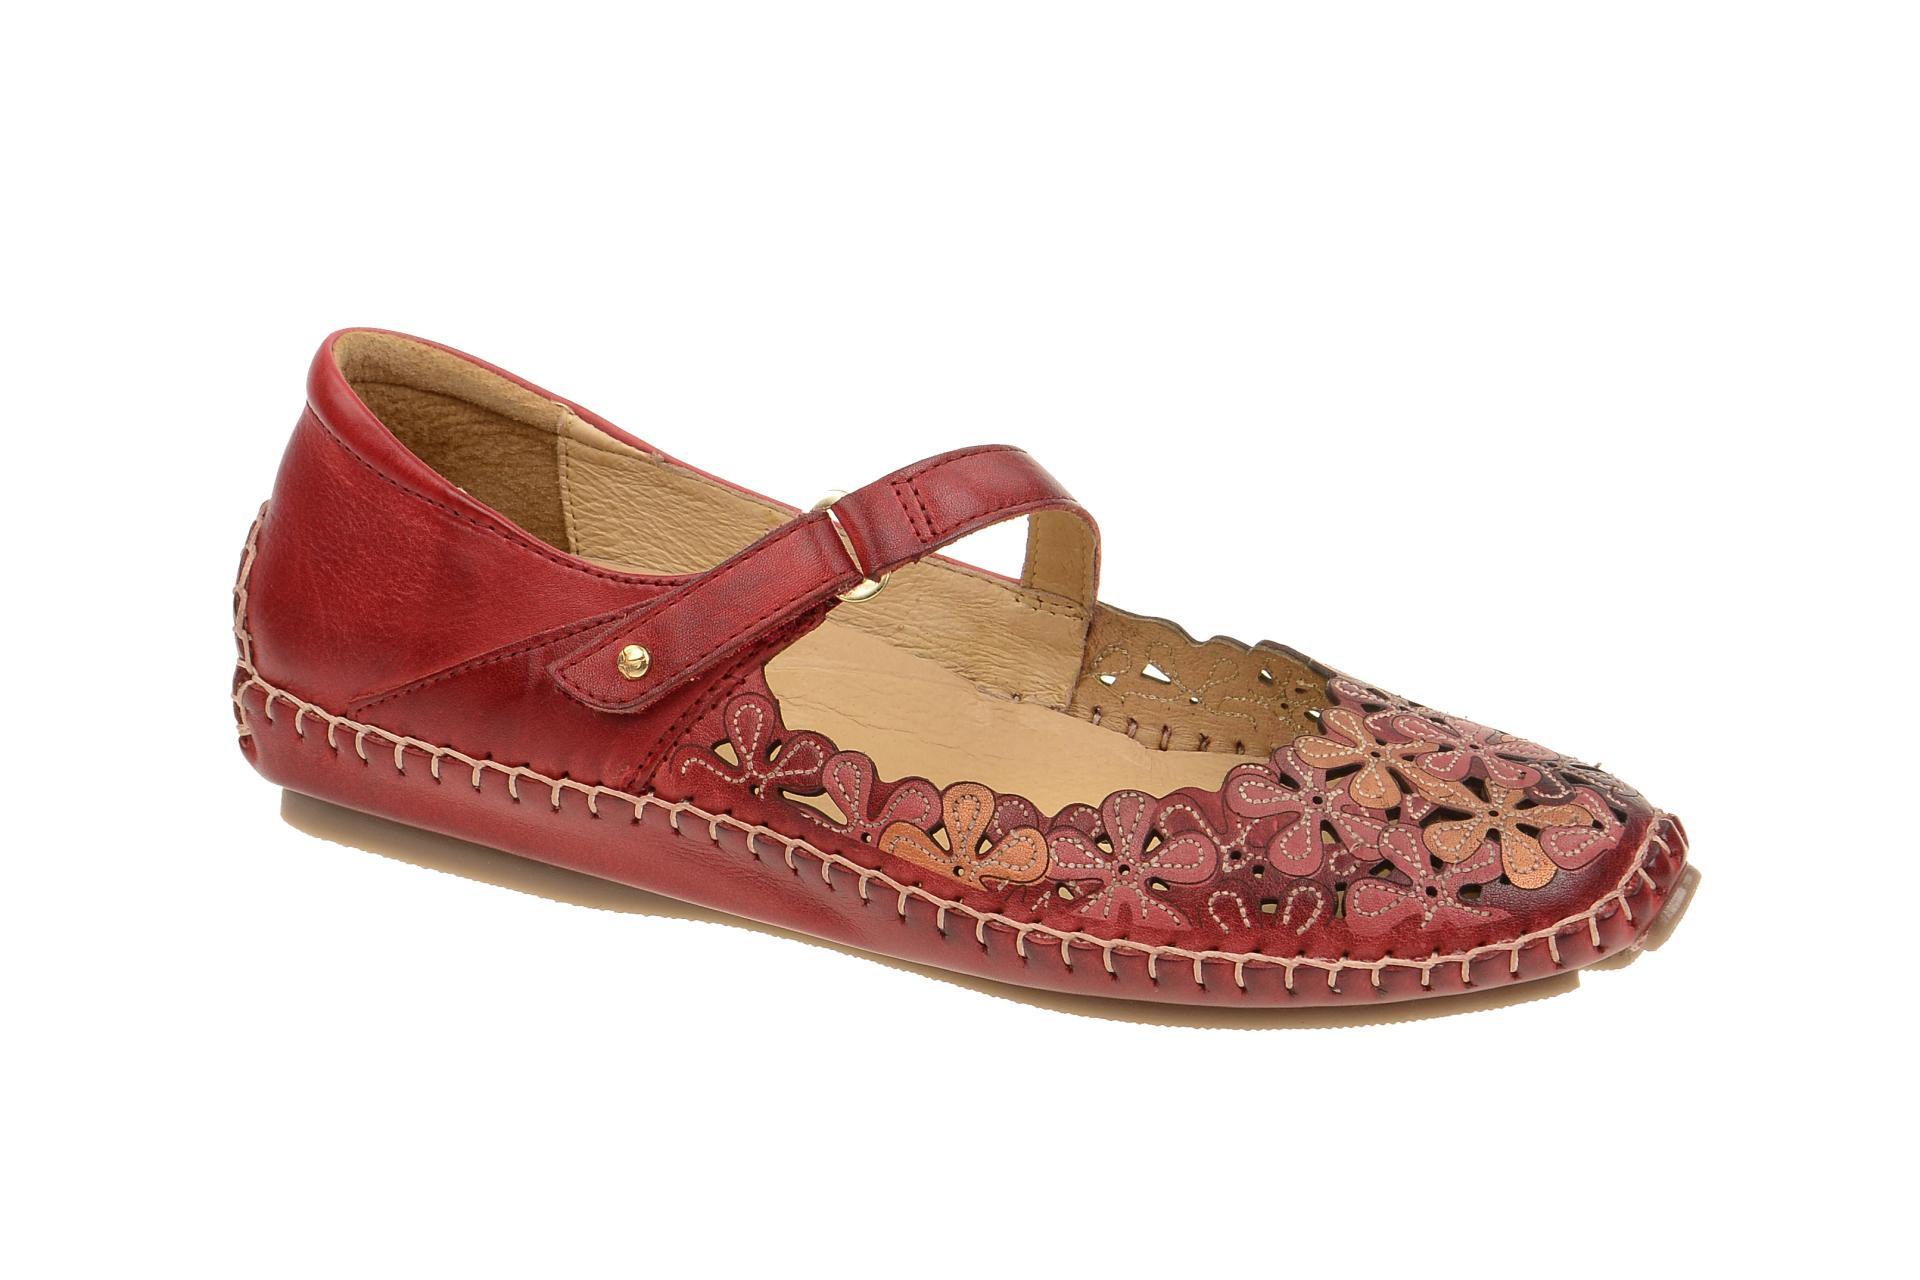 5590c1 Sandia Slippers Shop 578 Rot Strauch Pikolinos Schuhhaus Jerez Yfvb6gI7y